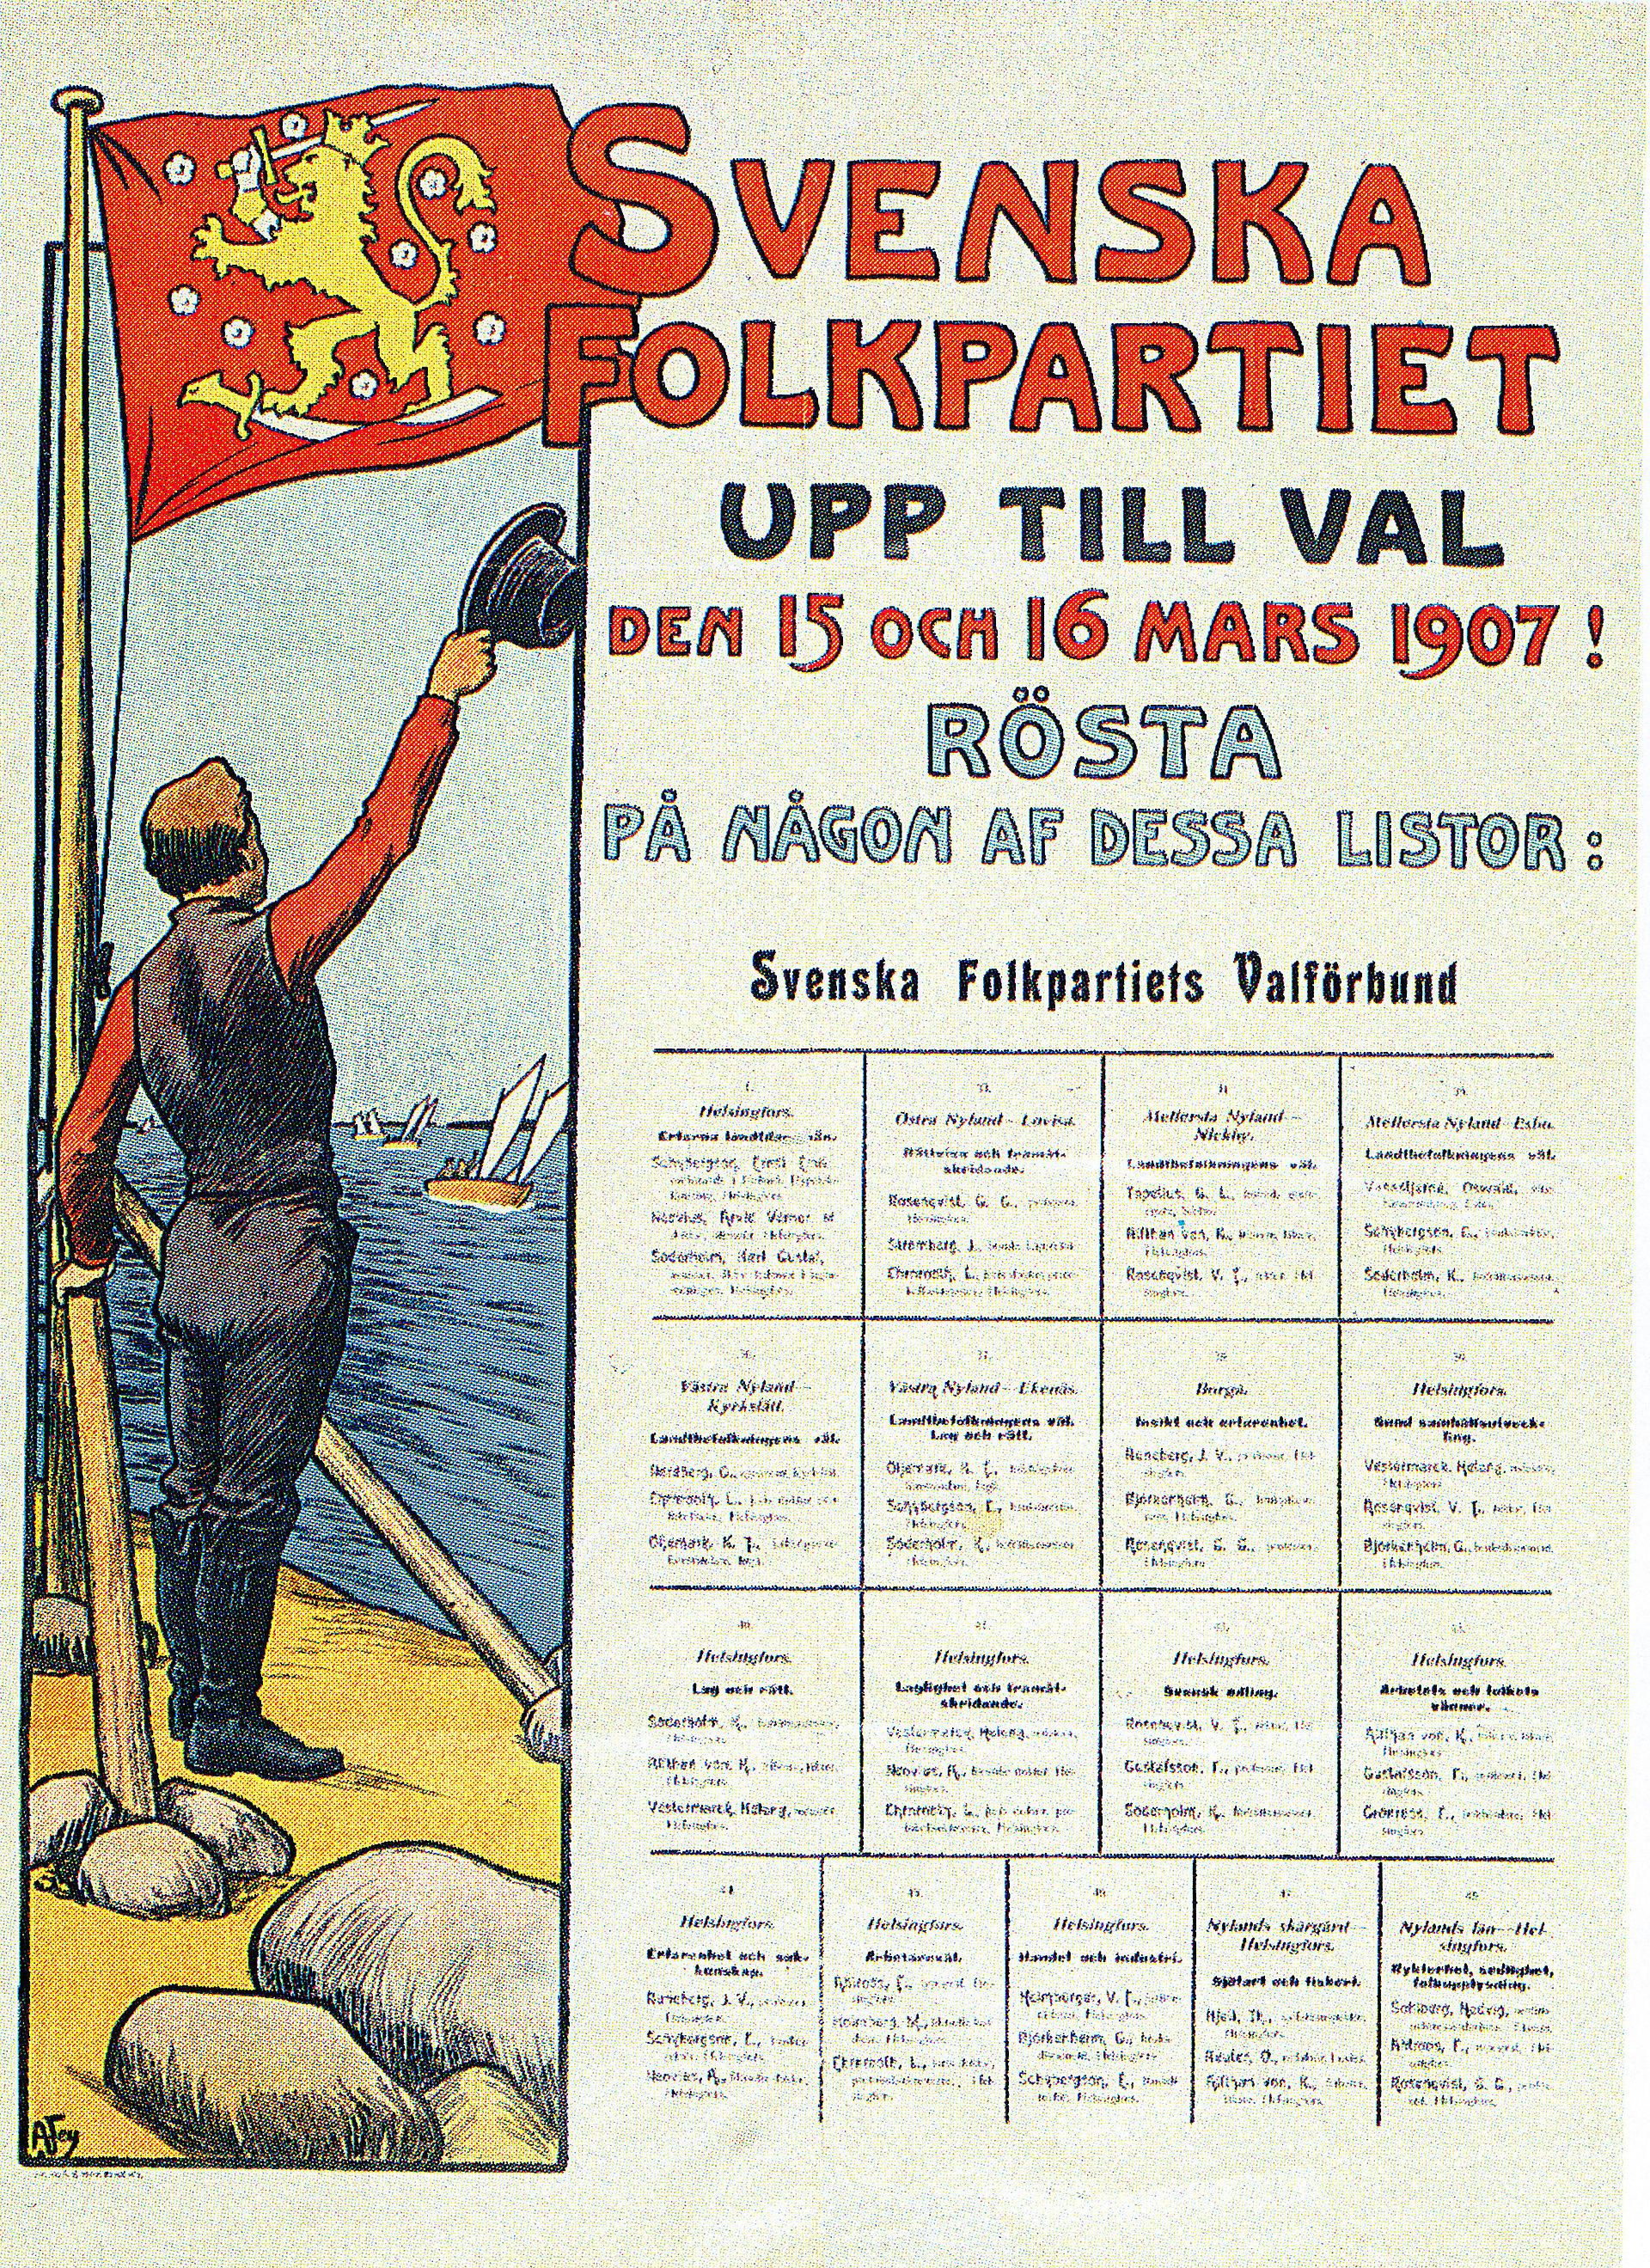 Ruotsalainen Kansanpuolue